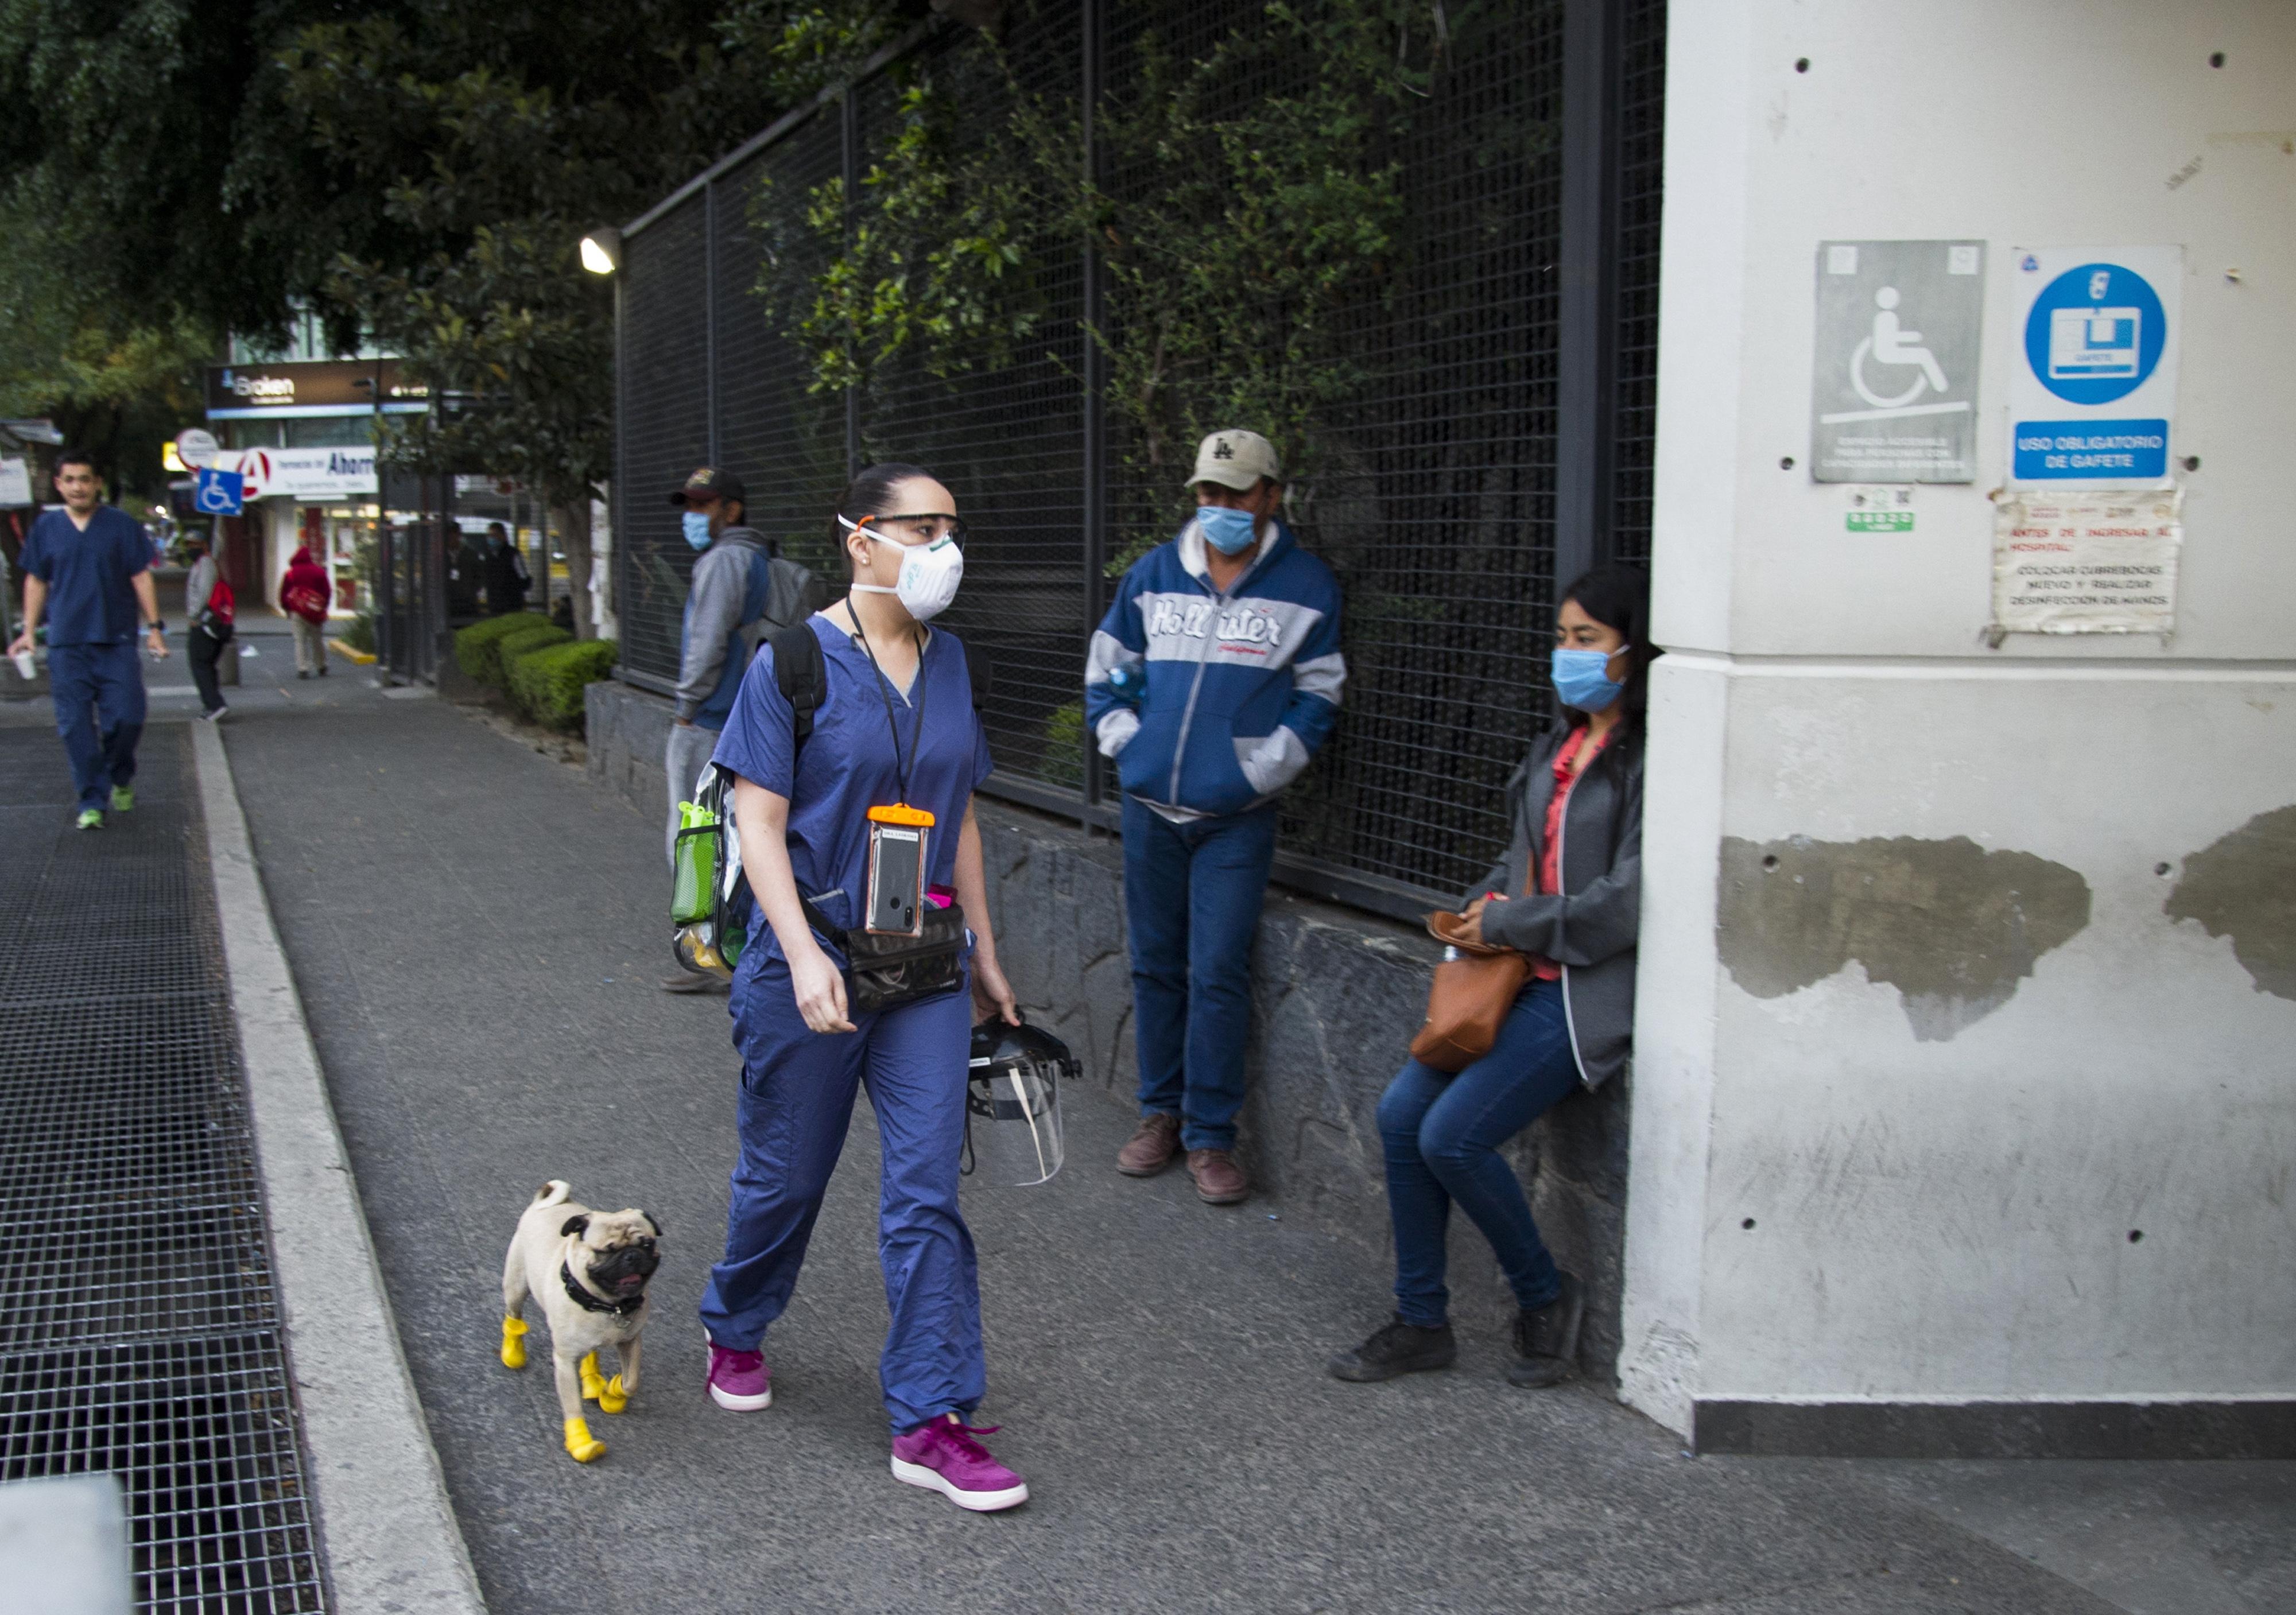 Lucía y El Tuerto llegan al hostpital 20 de Noviembre en la Ciudad de México. (Foto: Claudio Cruz/AFP).